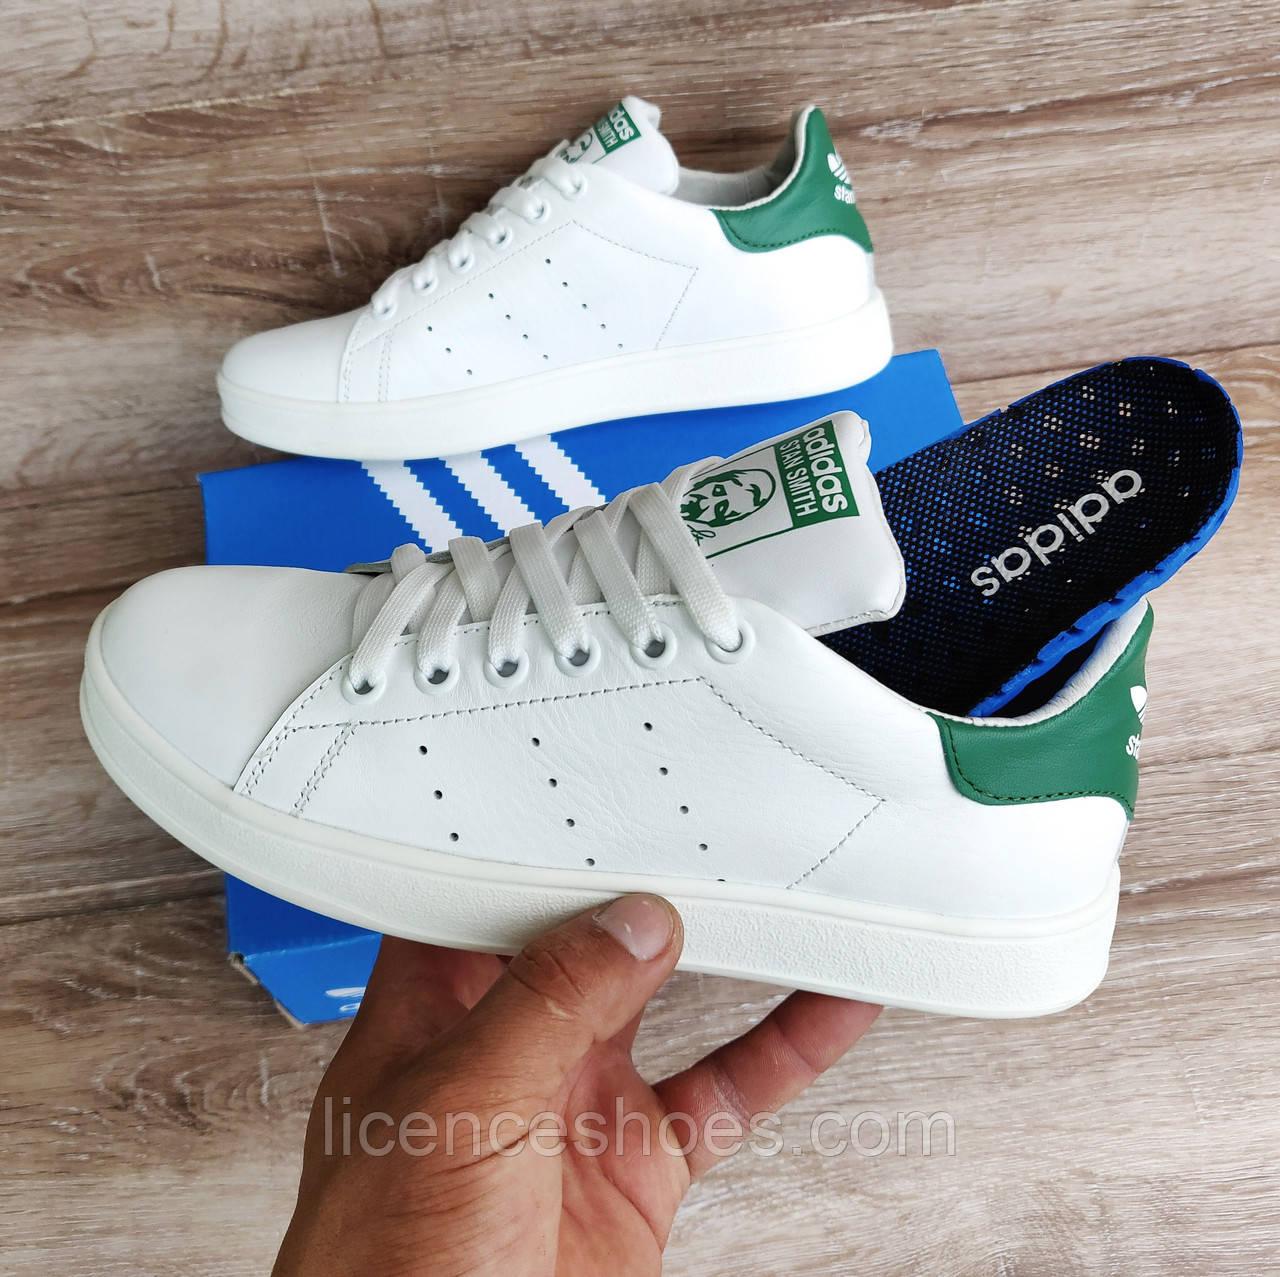 Дитячі, підліткові кросівки Adidas Stan Smith White Green. Натуральна шкіра